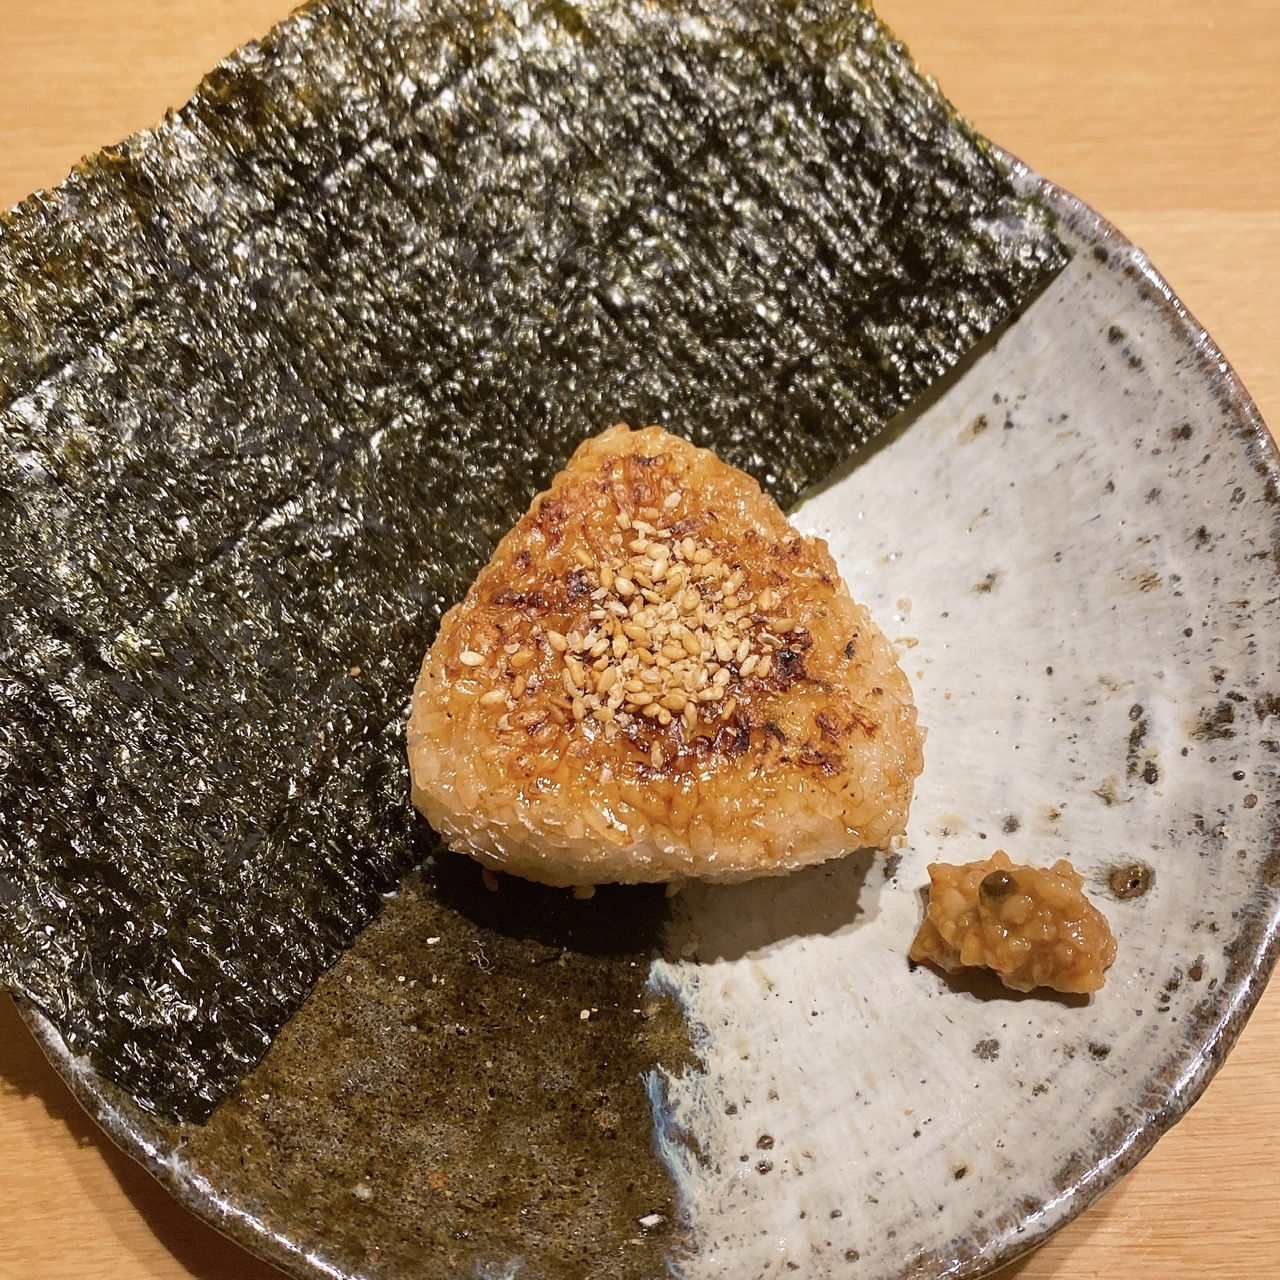 【最高峰の焼鳥】神戸の悶絶級!絶品焼鳥屋さん_9